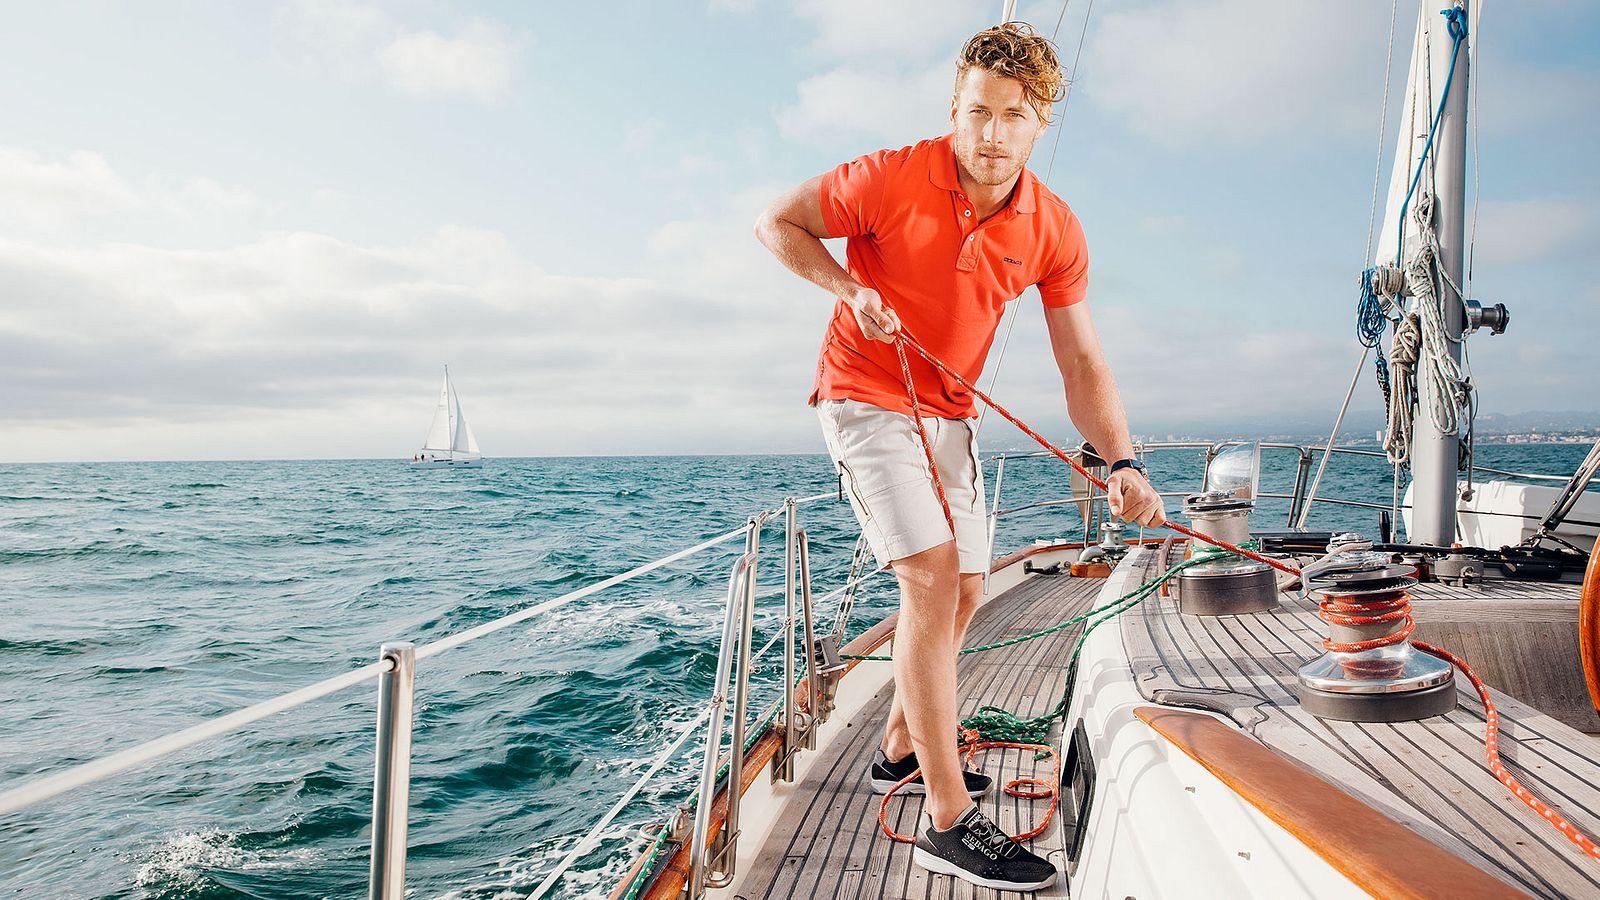 Sebago boating photoshoot, designed and produced by Someoddpilot